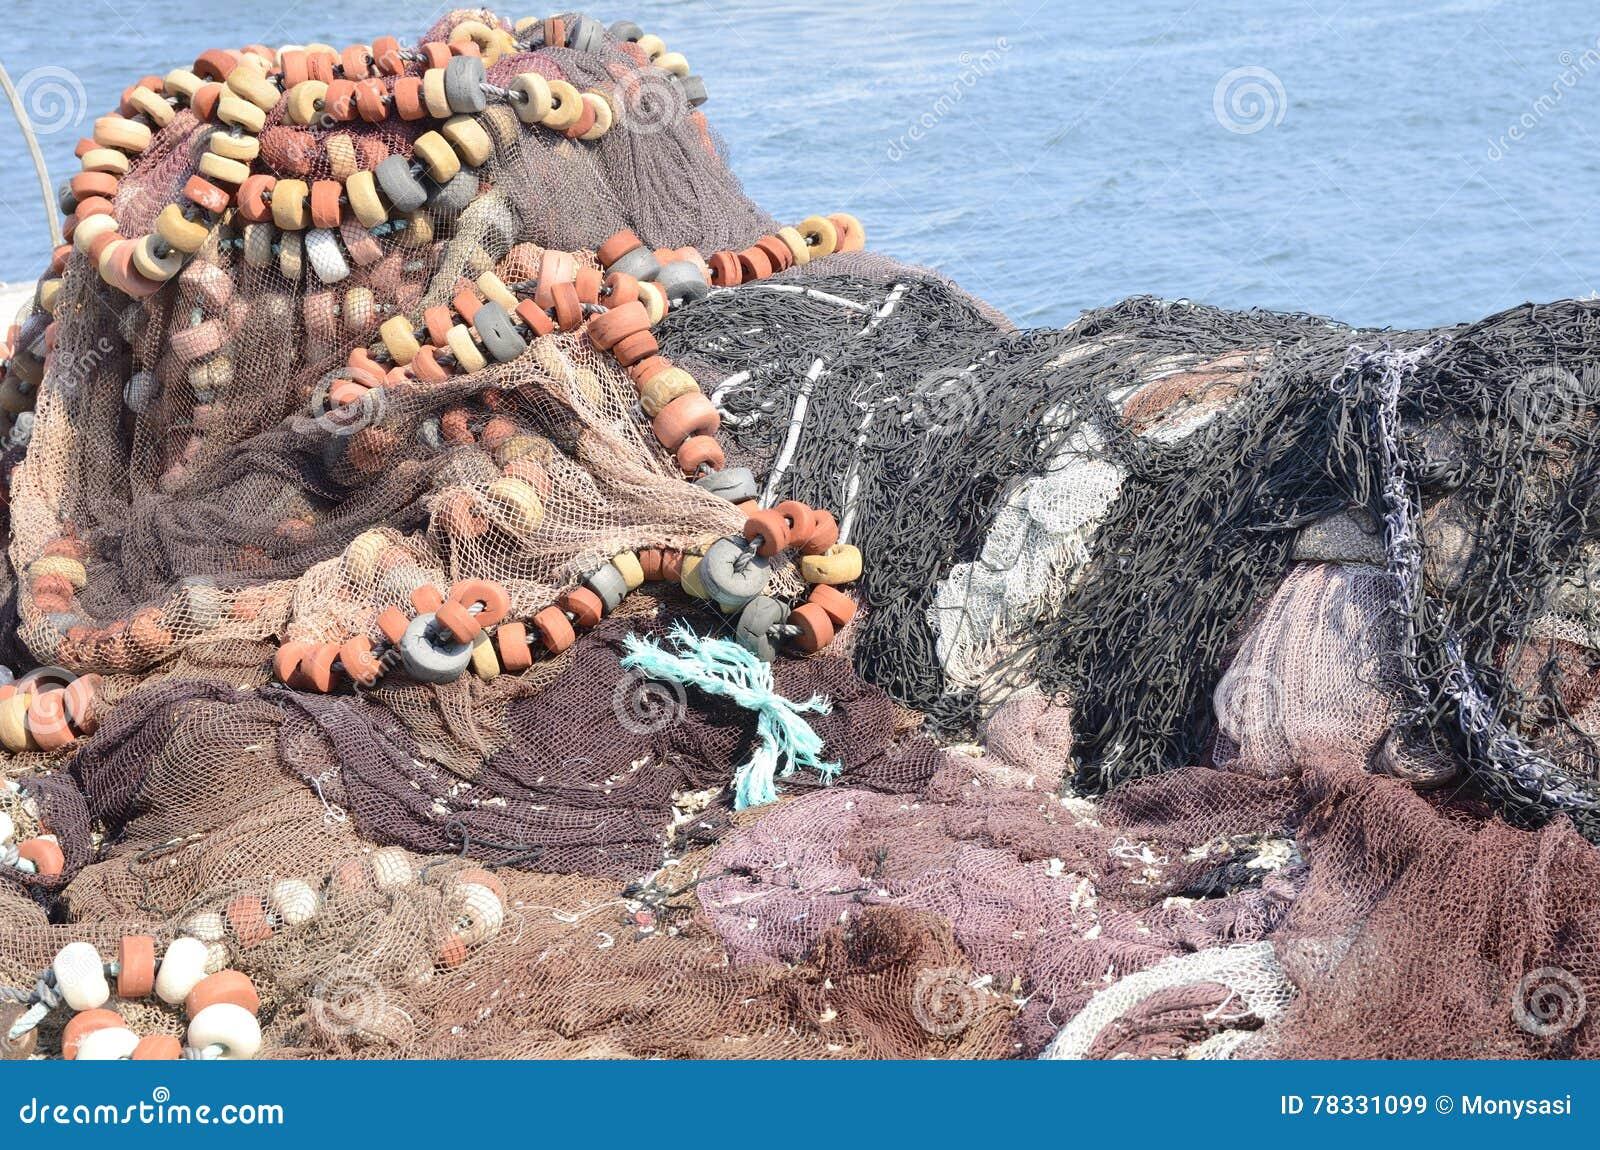 Rete da pesca fotografia stock immagine 78331099 - Rete da pesca per decorazioni ...